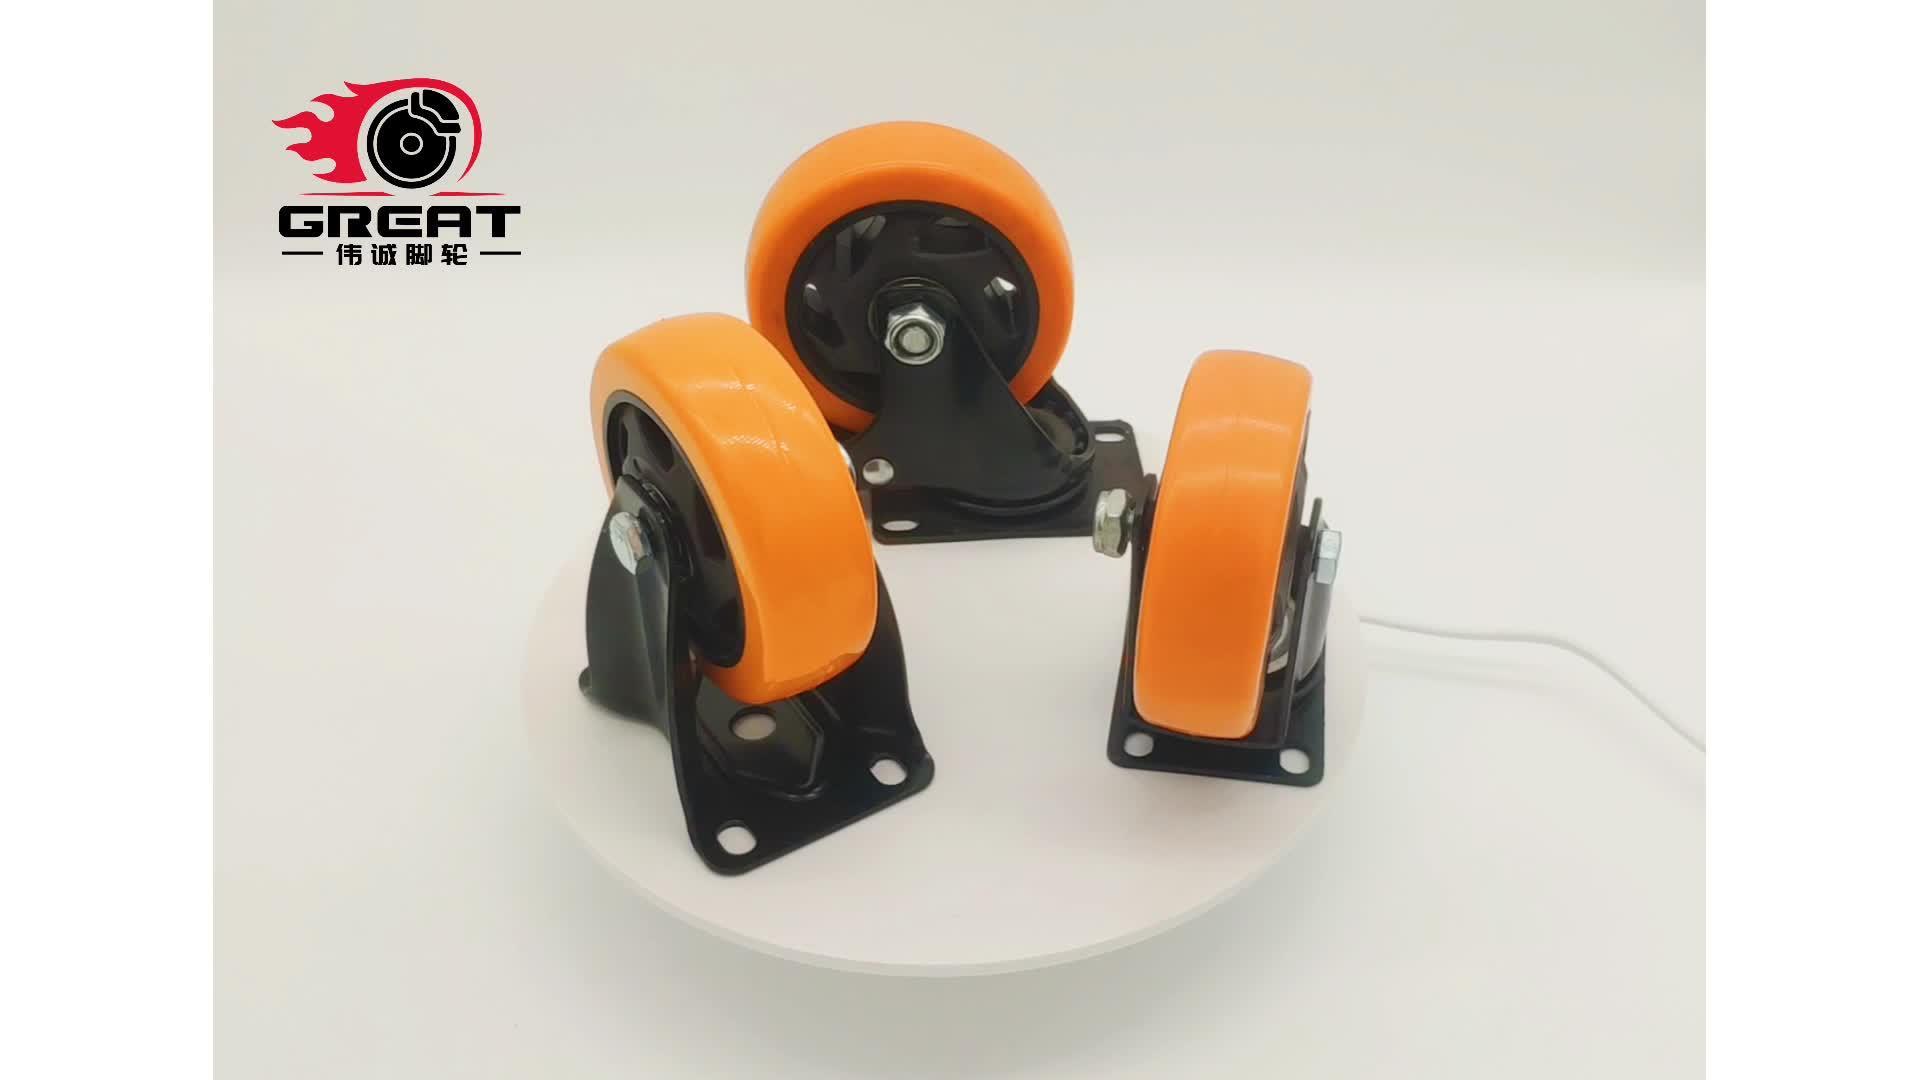 Промышленные черный корпус самоустанавливающегося колеса оранжевый ПВХ, PU, РР самоустанавливающегося колеса с двойной шариковые подшипники